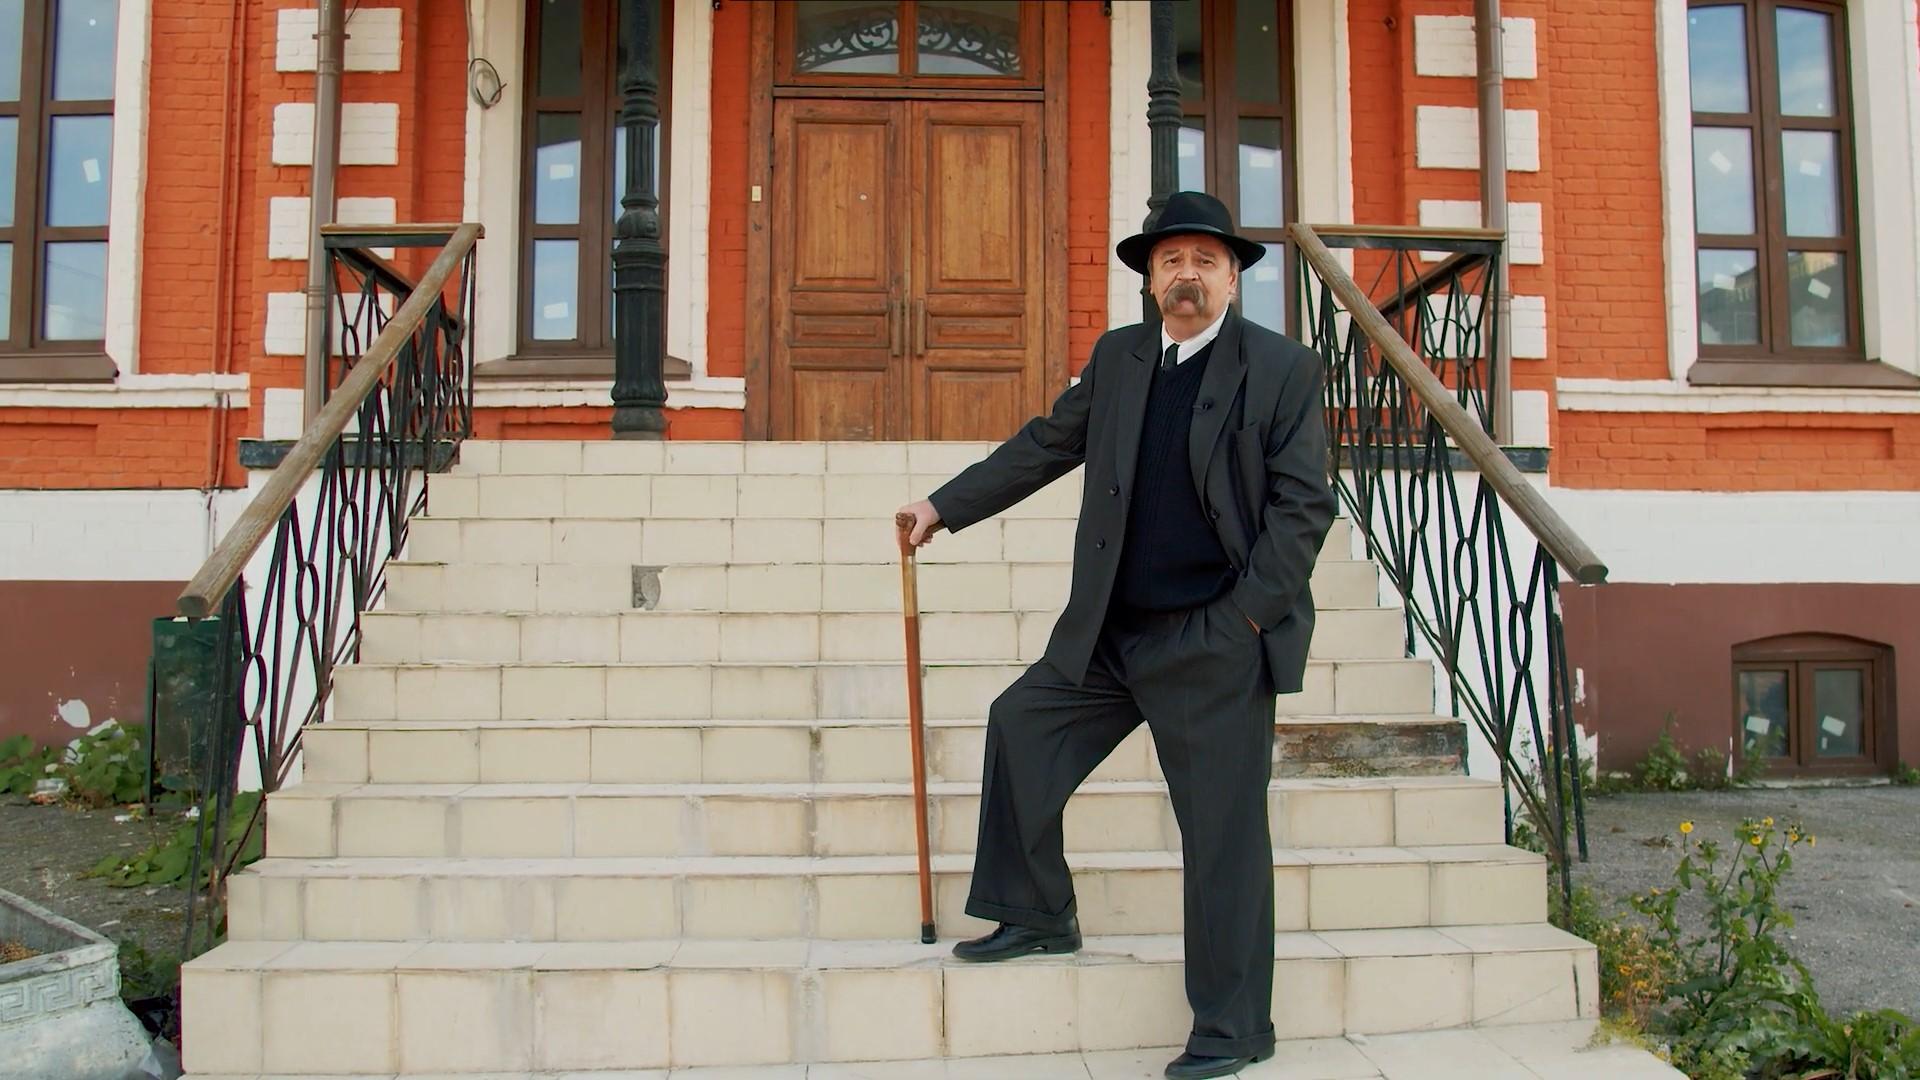 Нижегородский театр «Комедiа» опубликовал новый выпуск онлайн-экскурсии «Горький среди нас»